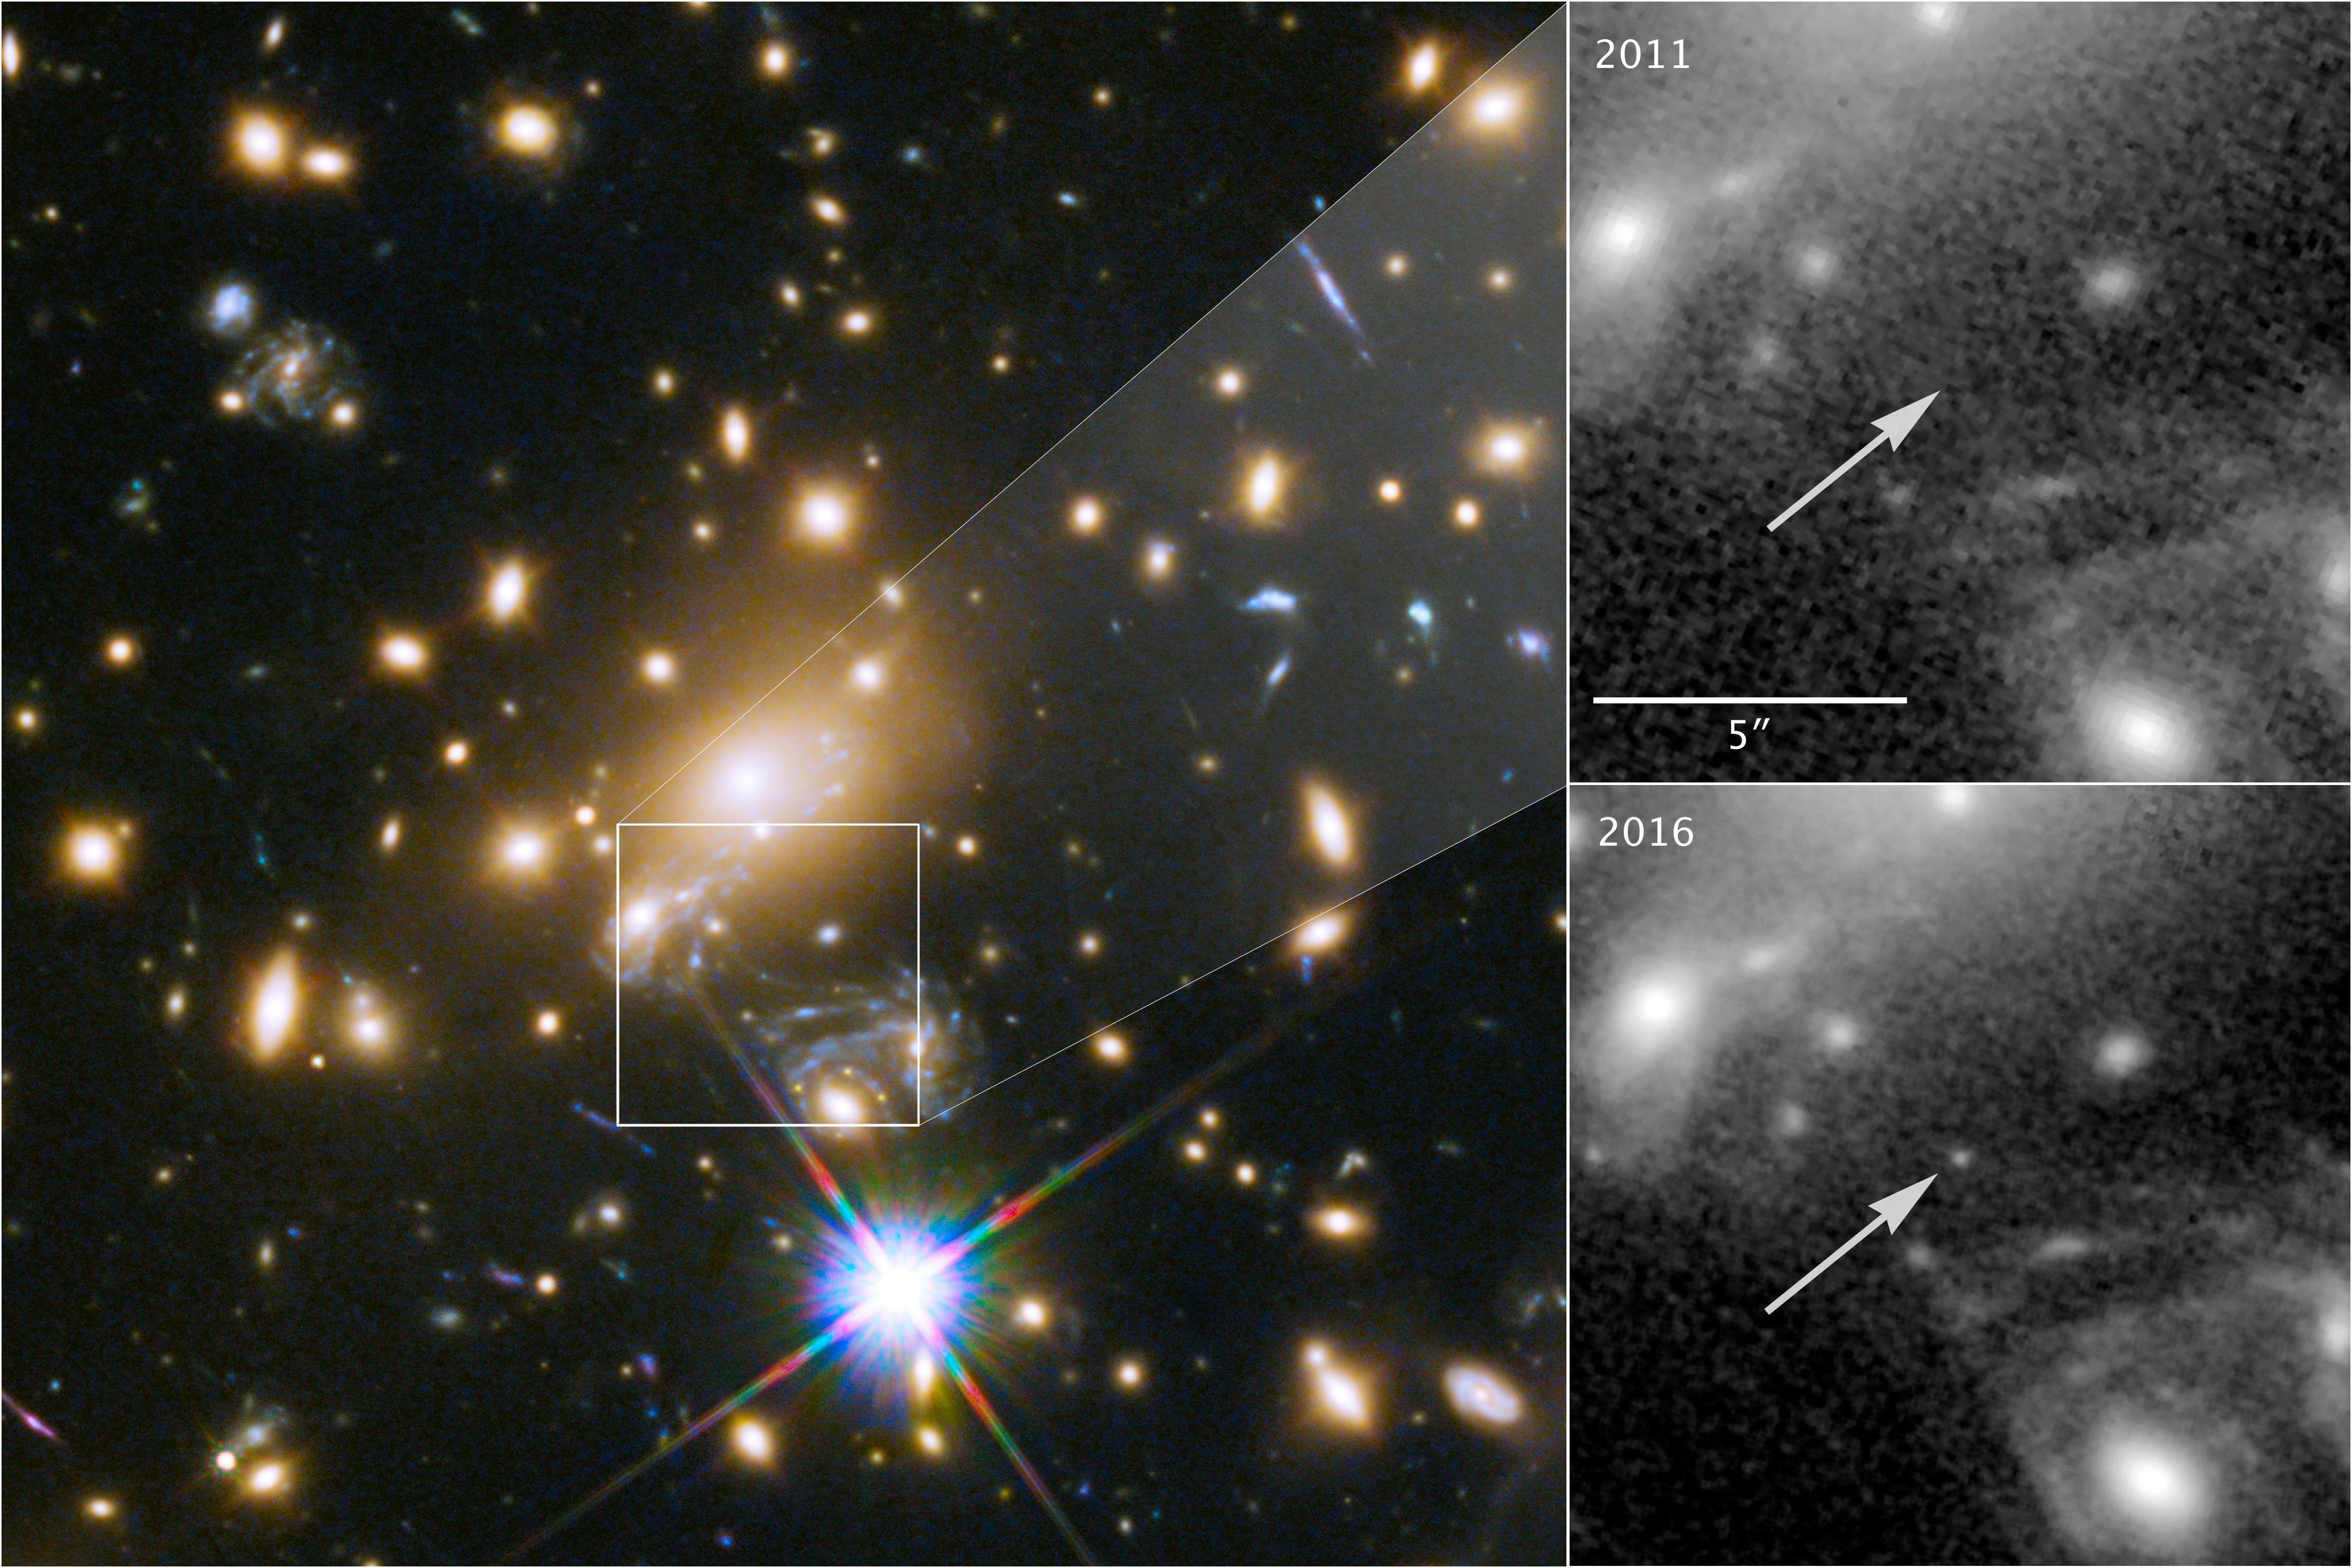 Observação de campo profundo do Hubble (esq.) mostra o aglomerado de galáxias MACS J1149.5+2223, a imagem de 2011 revela a localização de LS1 e, na de 2016, microlente gravitacional torna a estrela visível (Foto: NASA & ESA, P. Kelly (University of California, Berkeley))